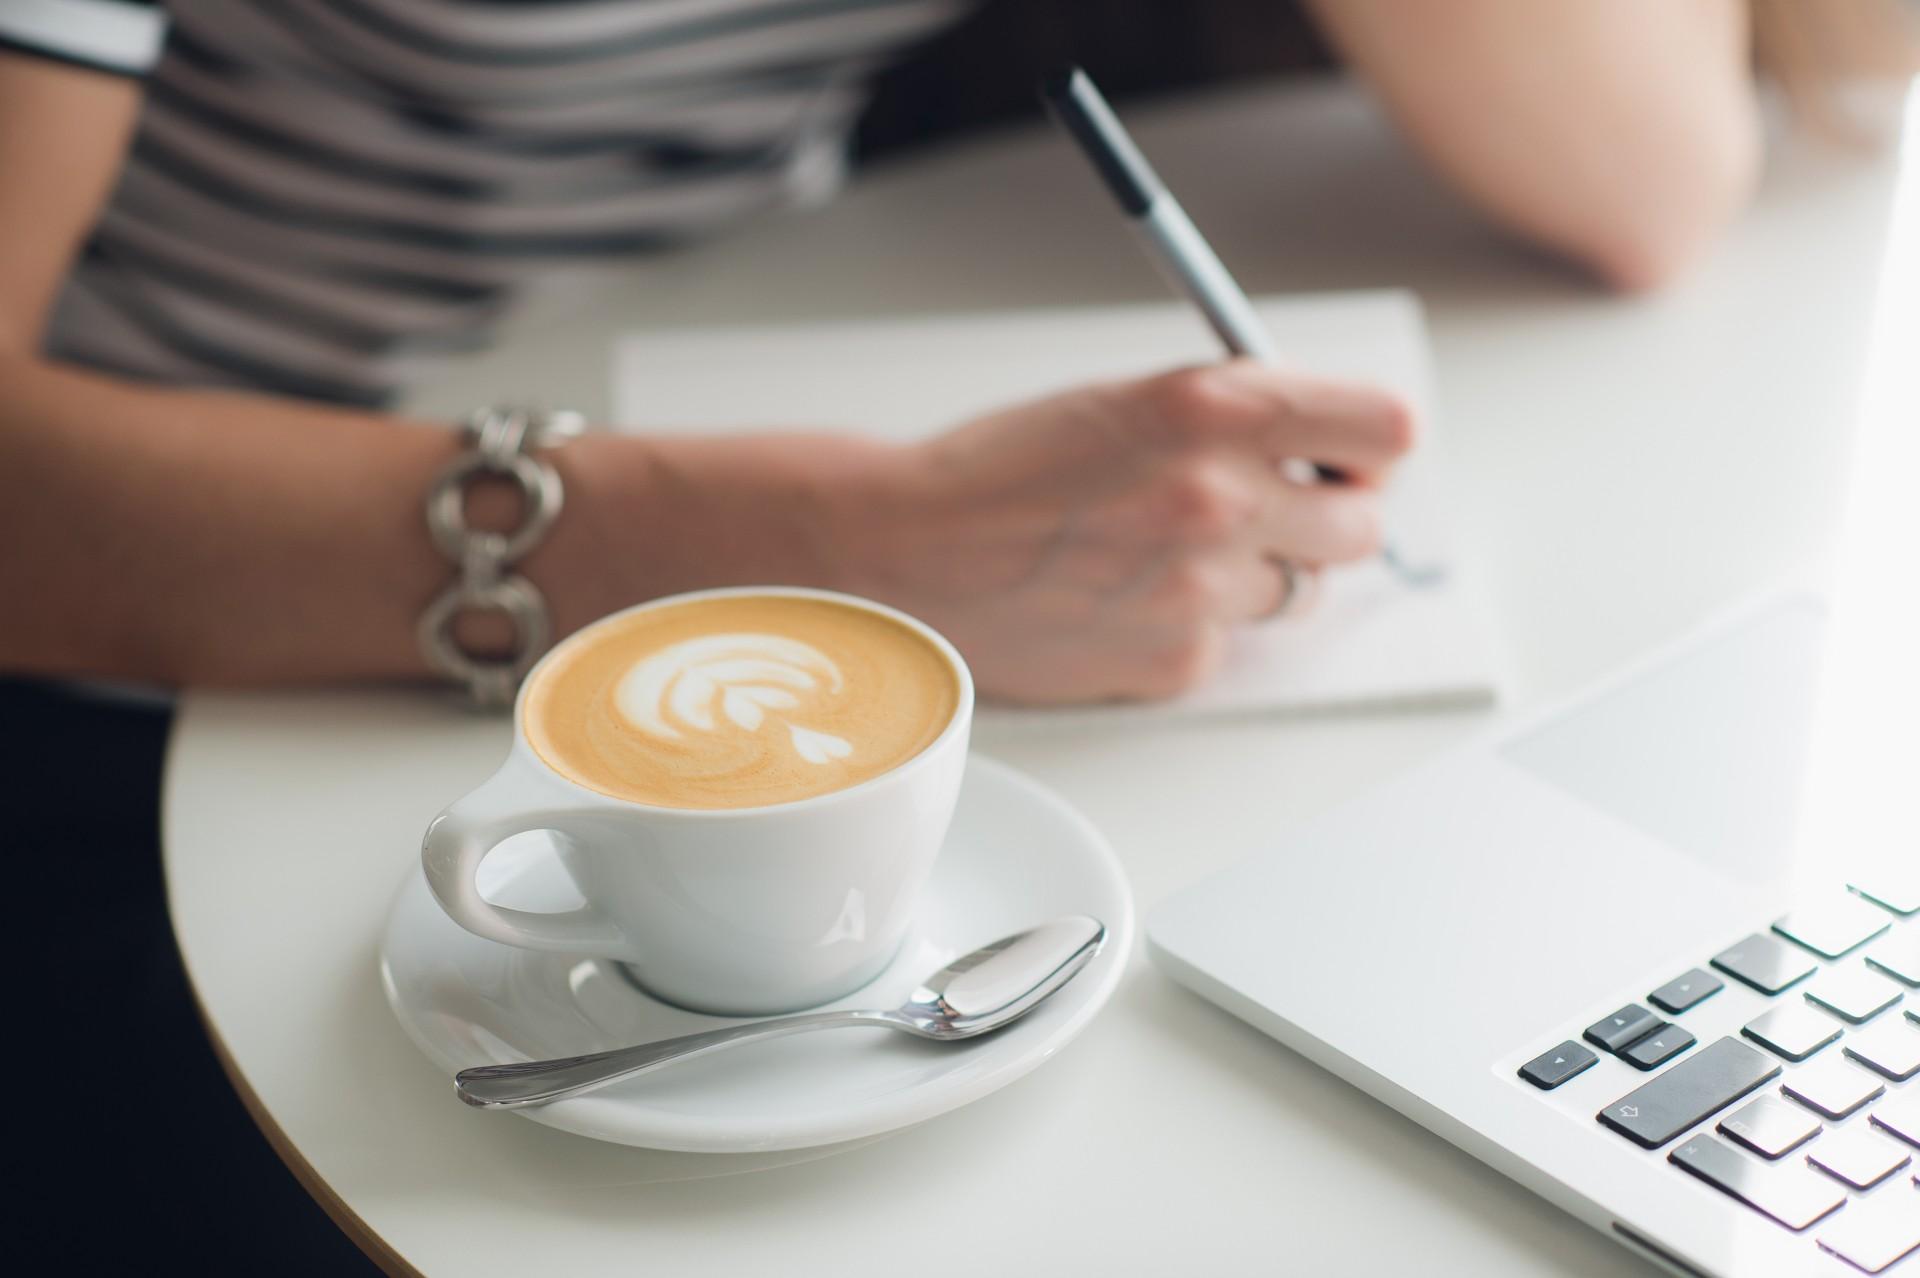 Jak pisać wartościowe treści nastronę internetową?